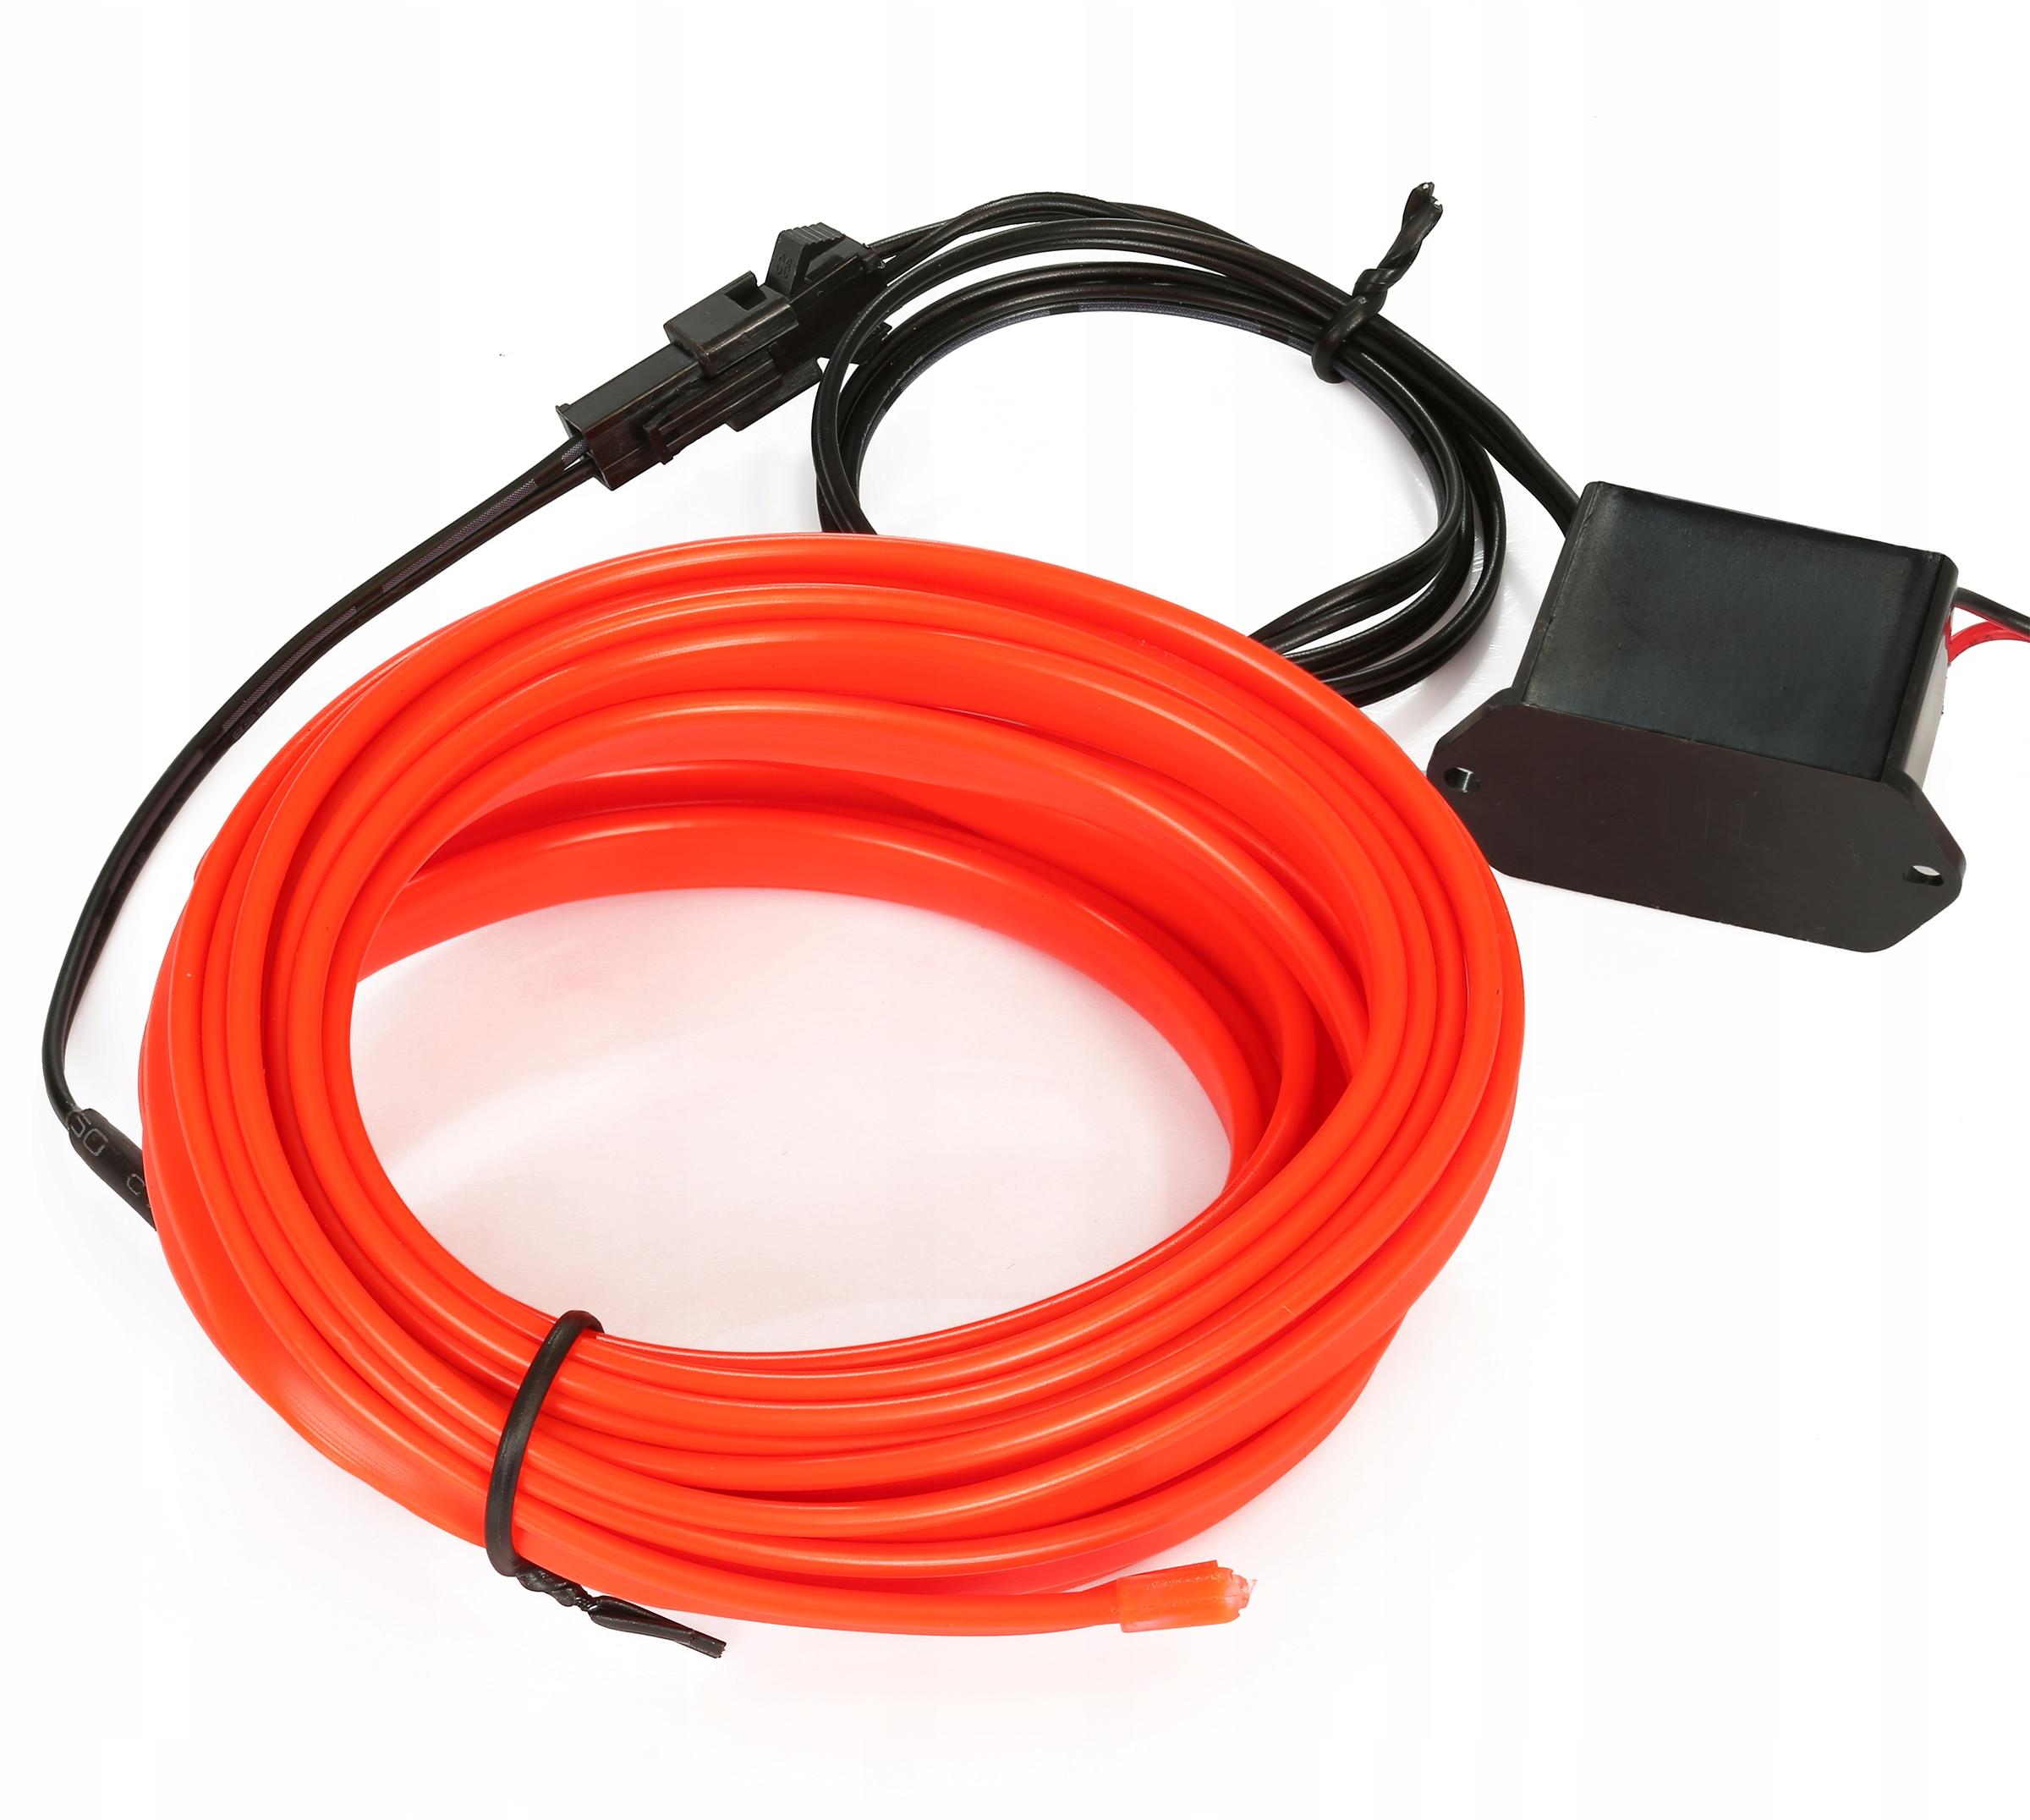 2m Волоконно-оптический кабель el wire лента ambient панель как led